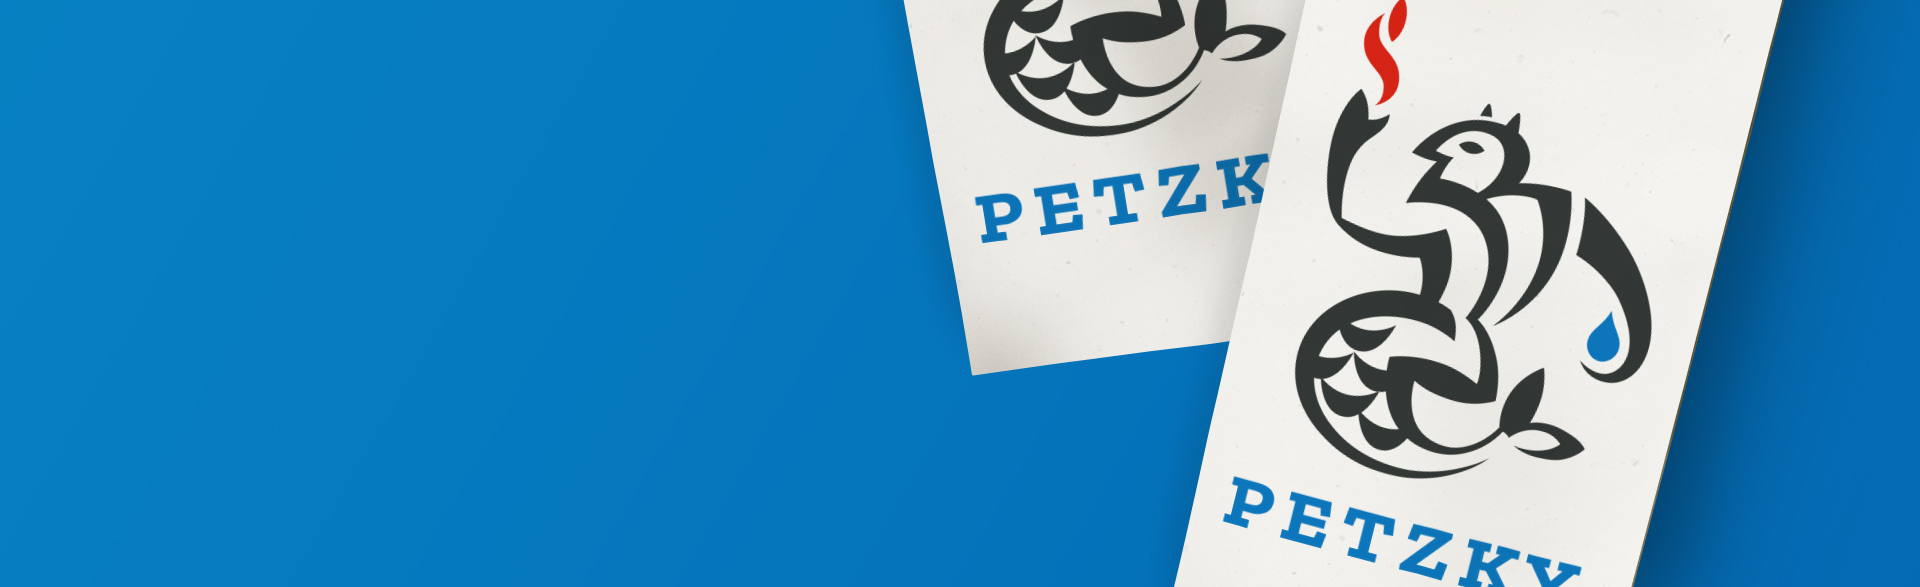 zwei Visitenkarten des Sanitärtechnikers Petzky mit dem Logo halb Teufel, halb Wassermann